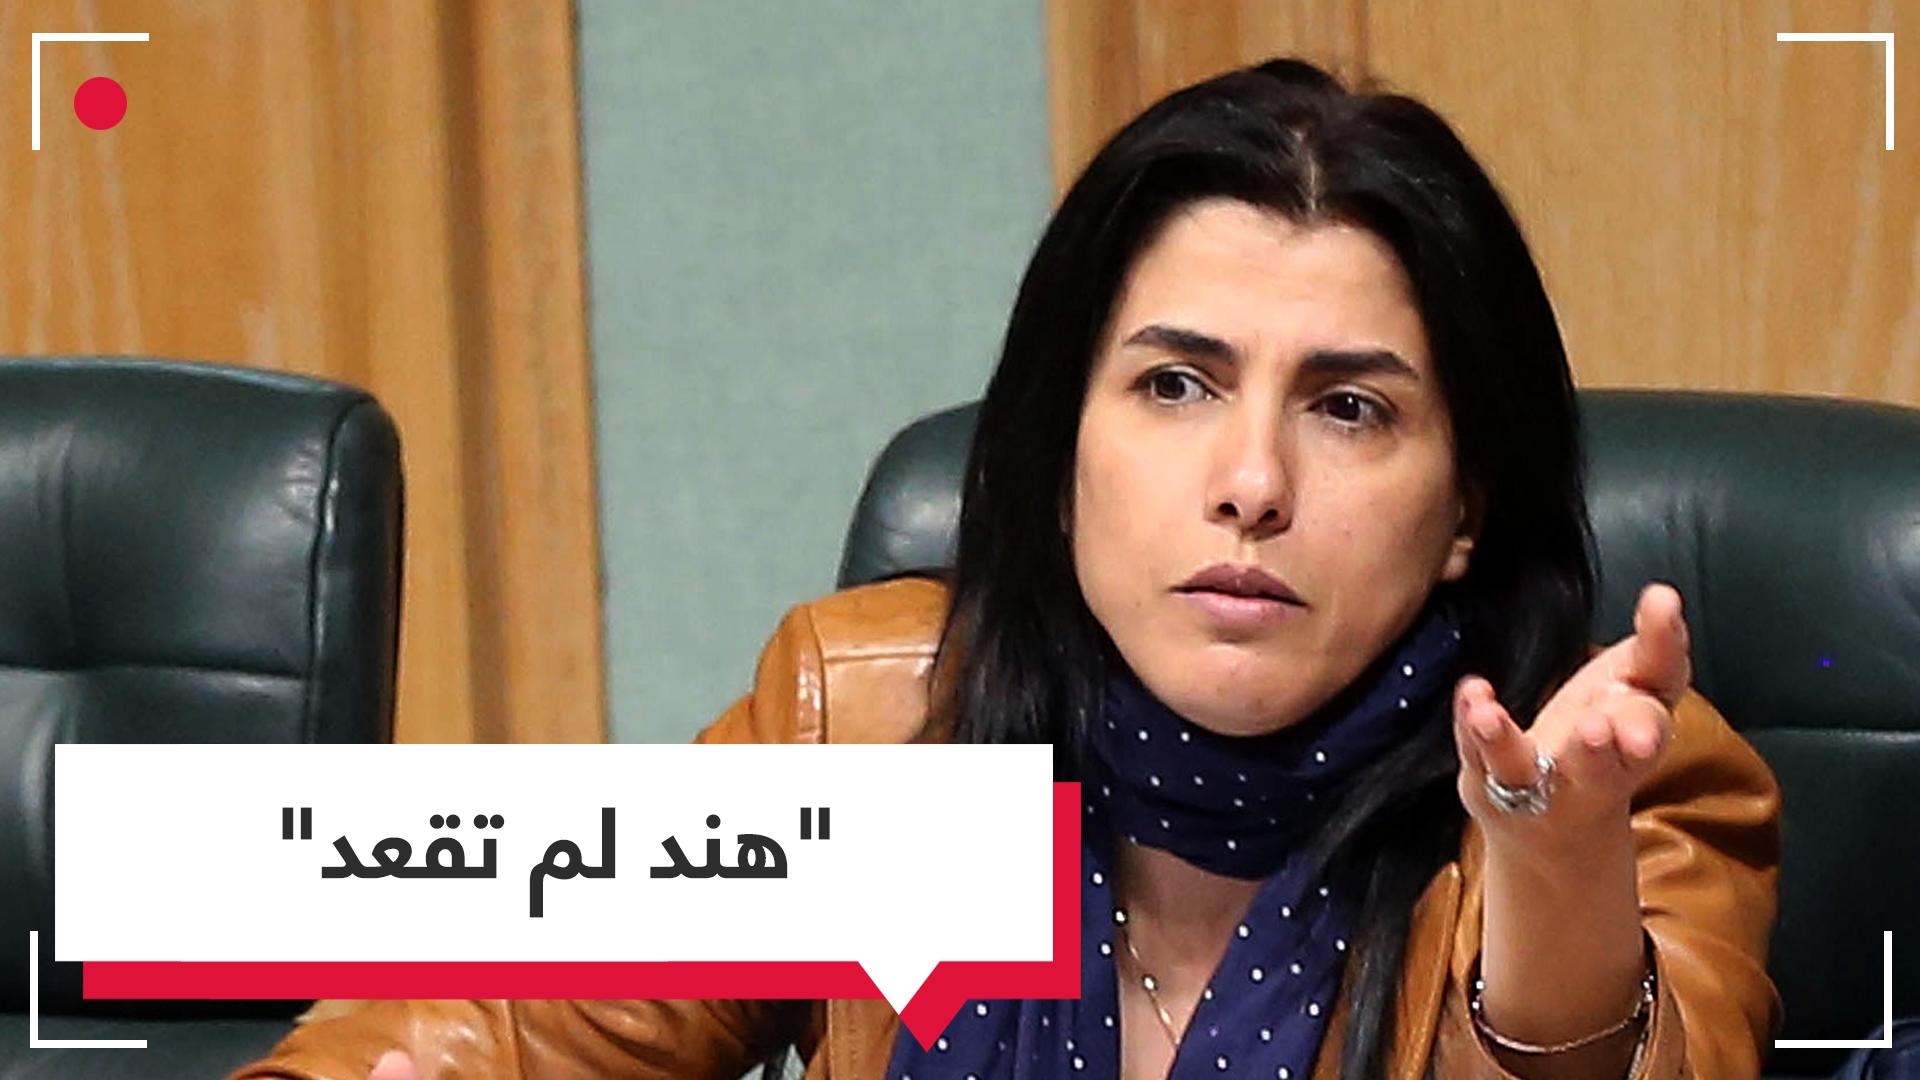 فيديو.. النائبة الأردنية هند الفايز تتهم الشرطة بالاعتداء عليها بعد إطلاق سراحها